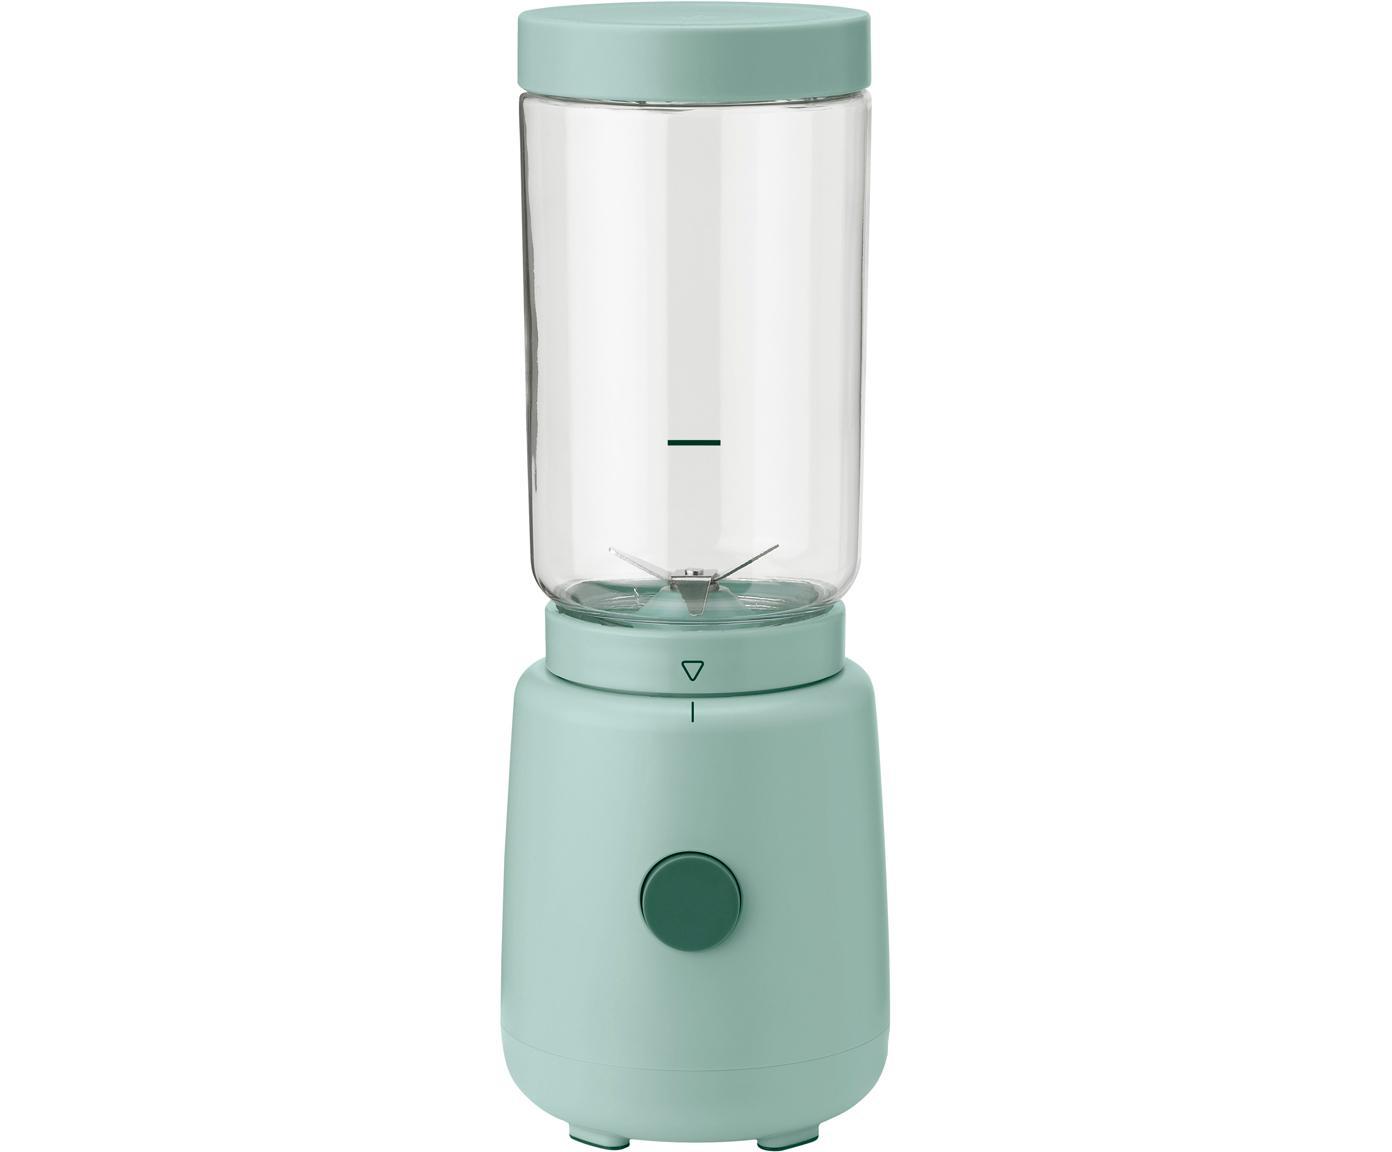 Blender Foodie, Tworzywo sztuczne, stal szlachetna, szkło, Zielony miętowy, Ø 10 x W 30 cm